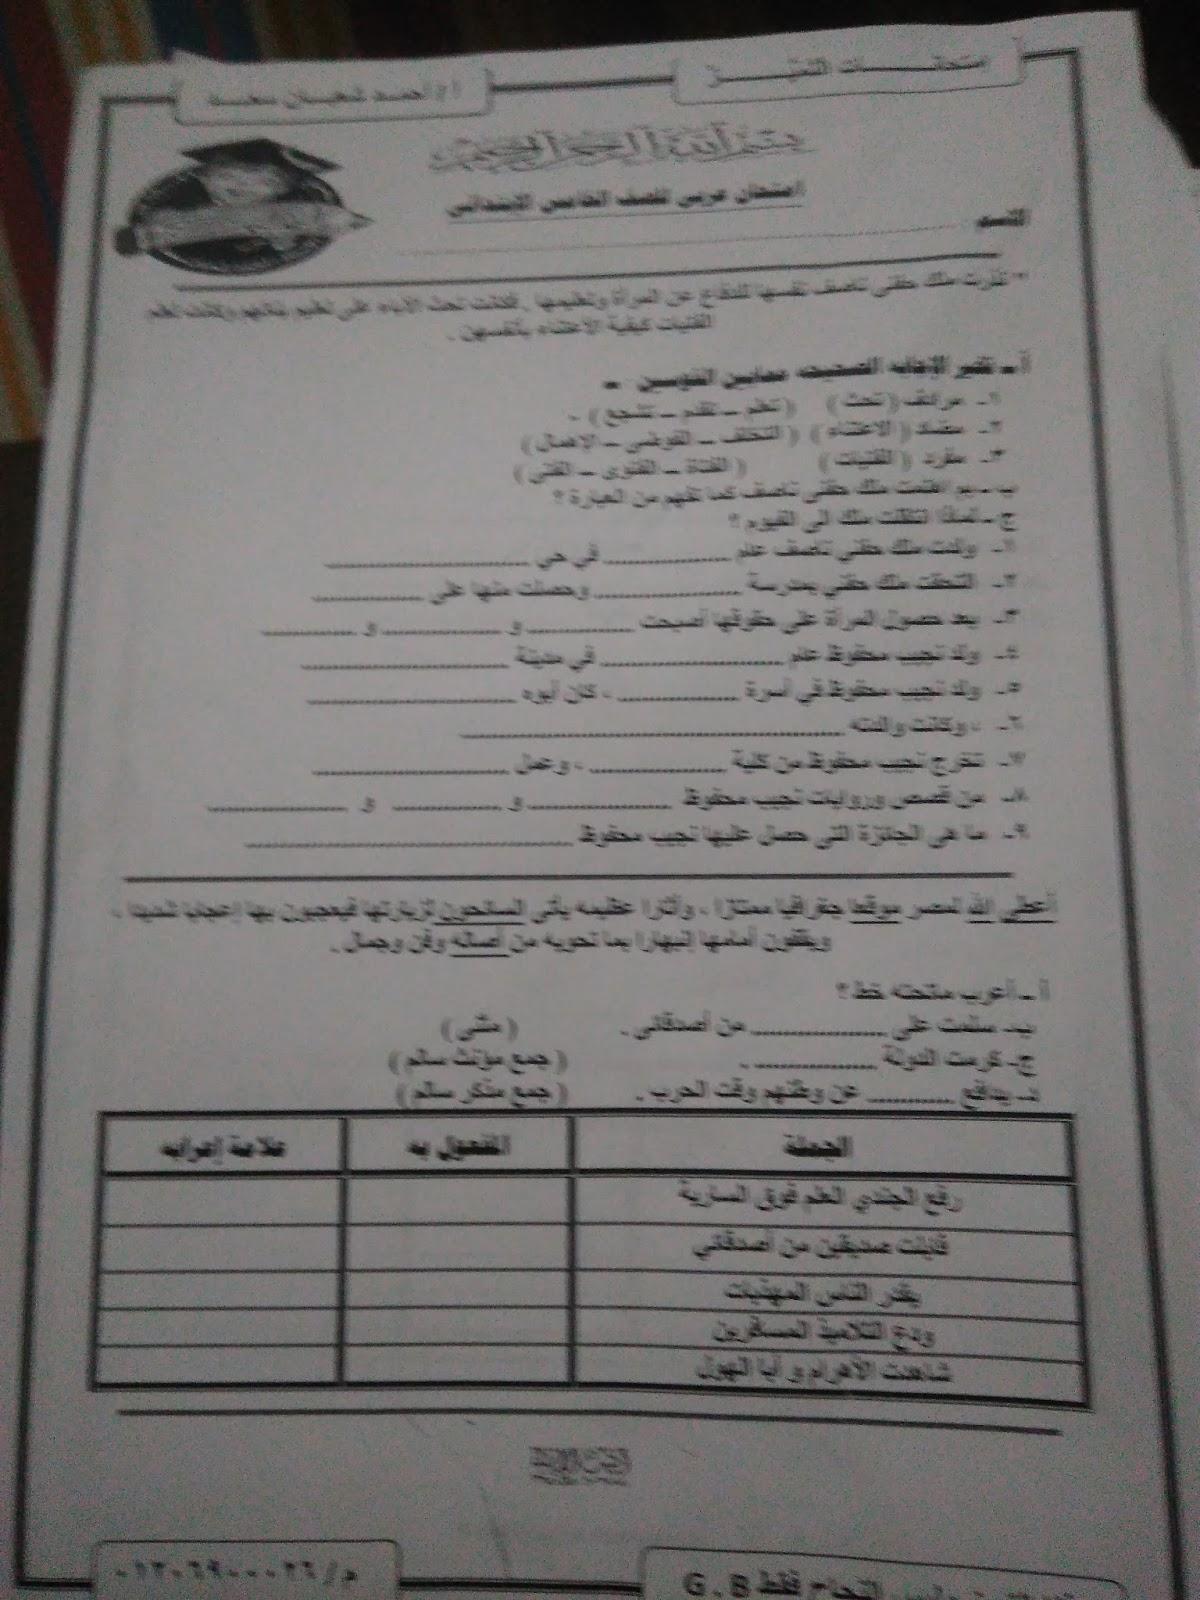 امتحان نصف الترم فى مادة اللغة العربية الصف الخامس الابتدائى الترم الثاني , امتحان ميد تيرم فى عربى خامسة ابتدائى